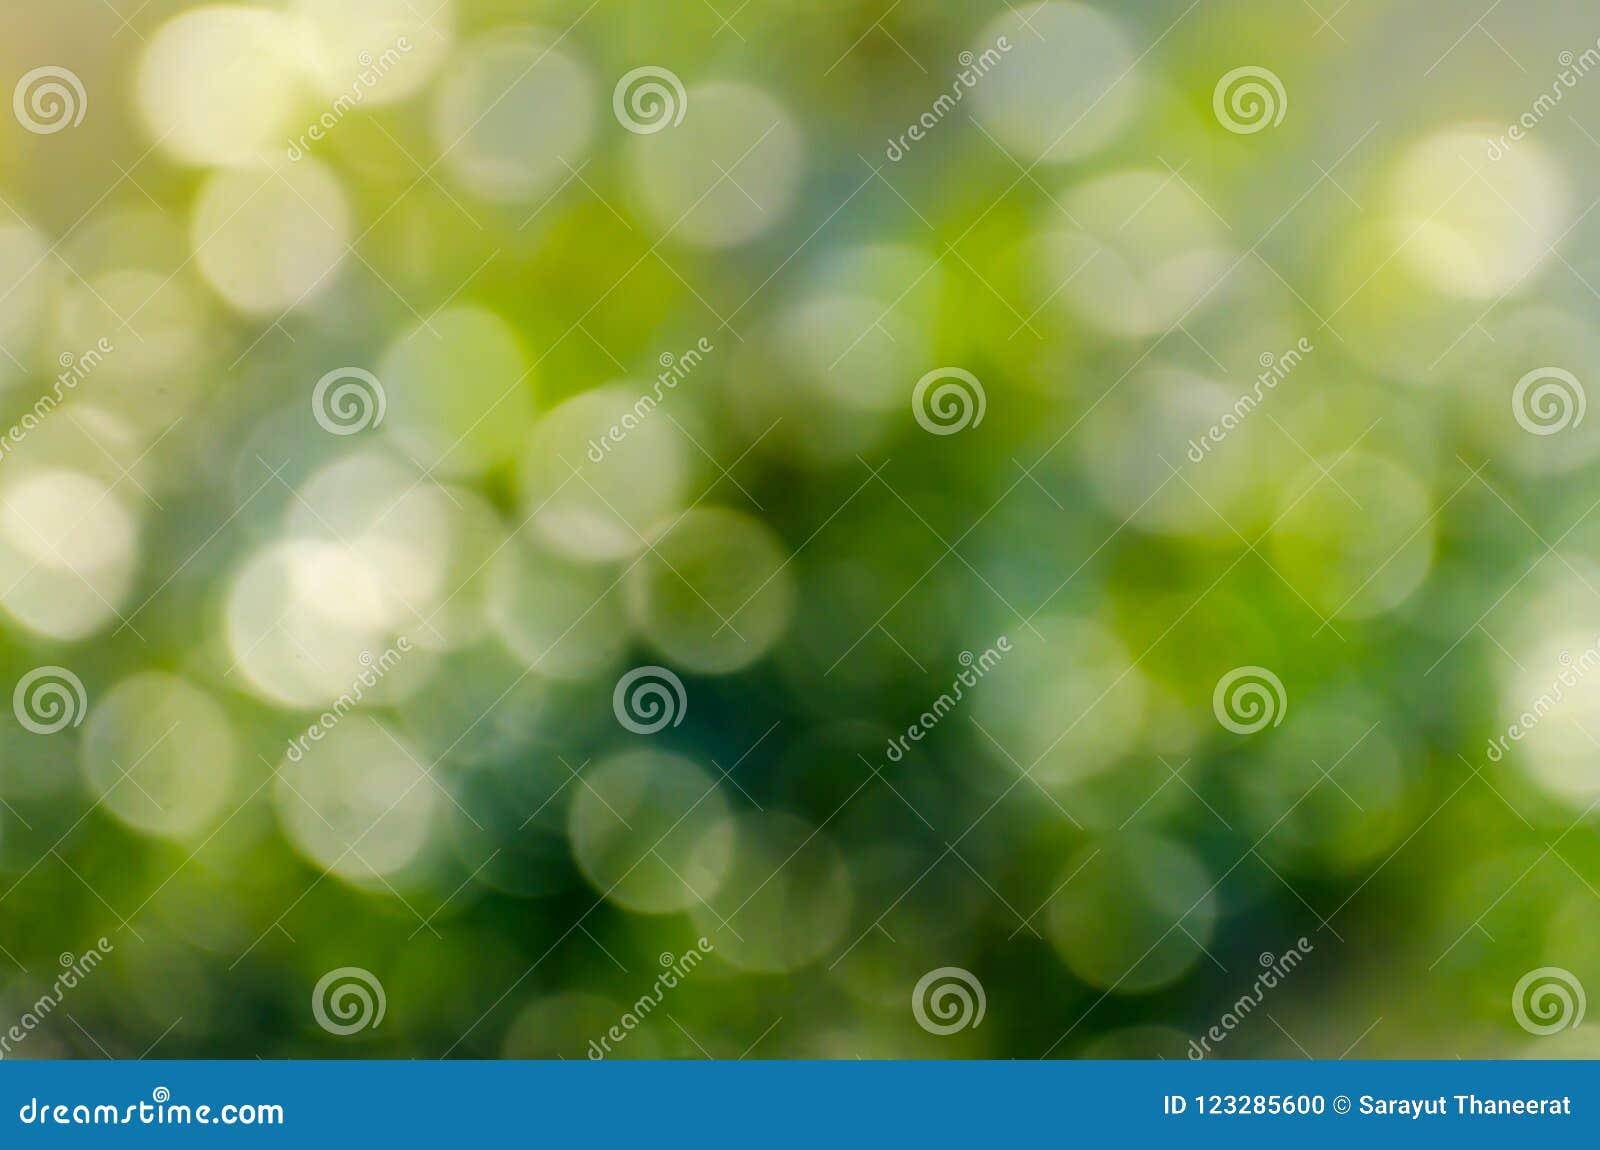 Fundo do verde do borrão de Bokeh da reflexão da água do fundo do verde do borrão de Bokeh